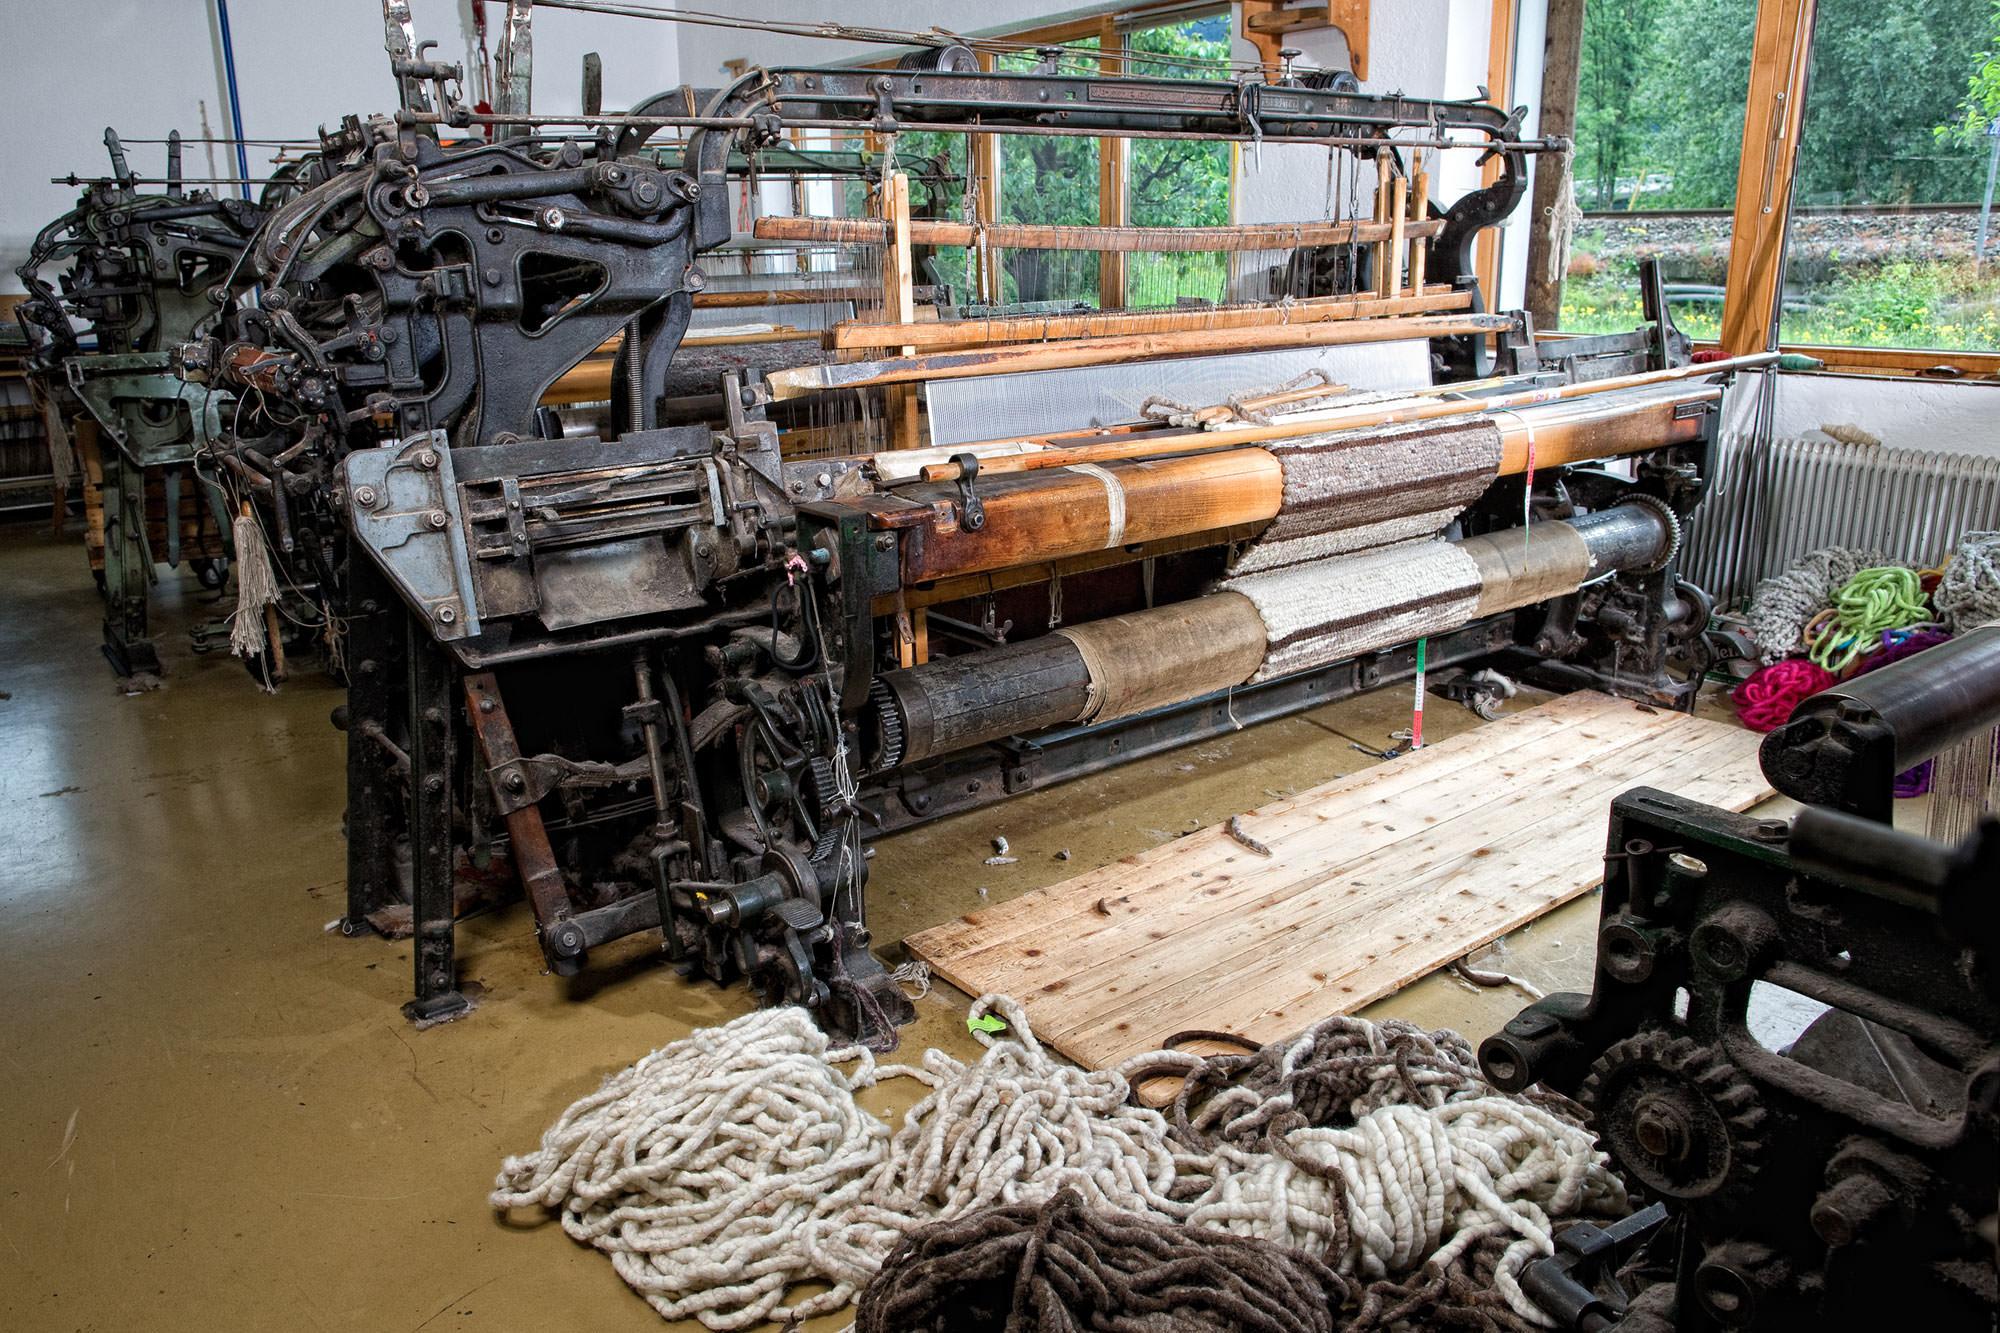 unsere über 100 Jahre alten Maschinen ergänzen unsere Handarbeit